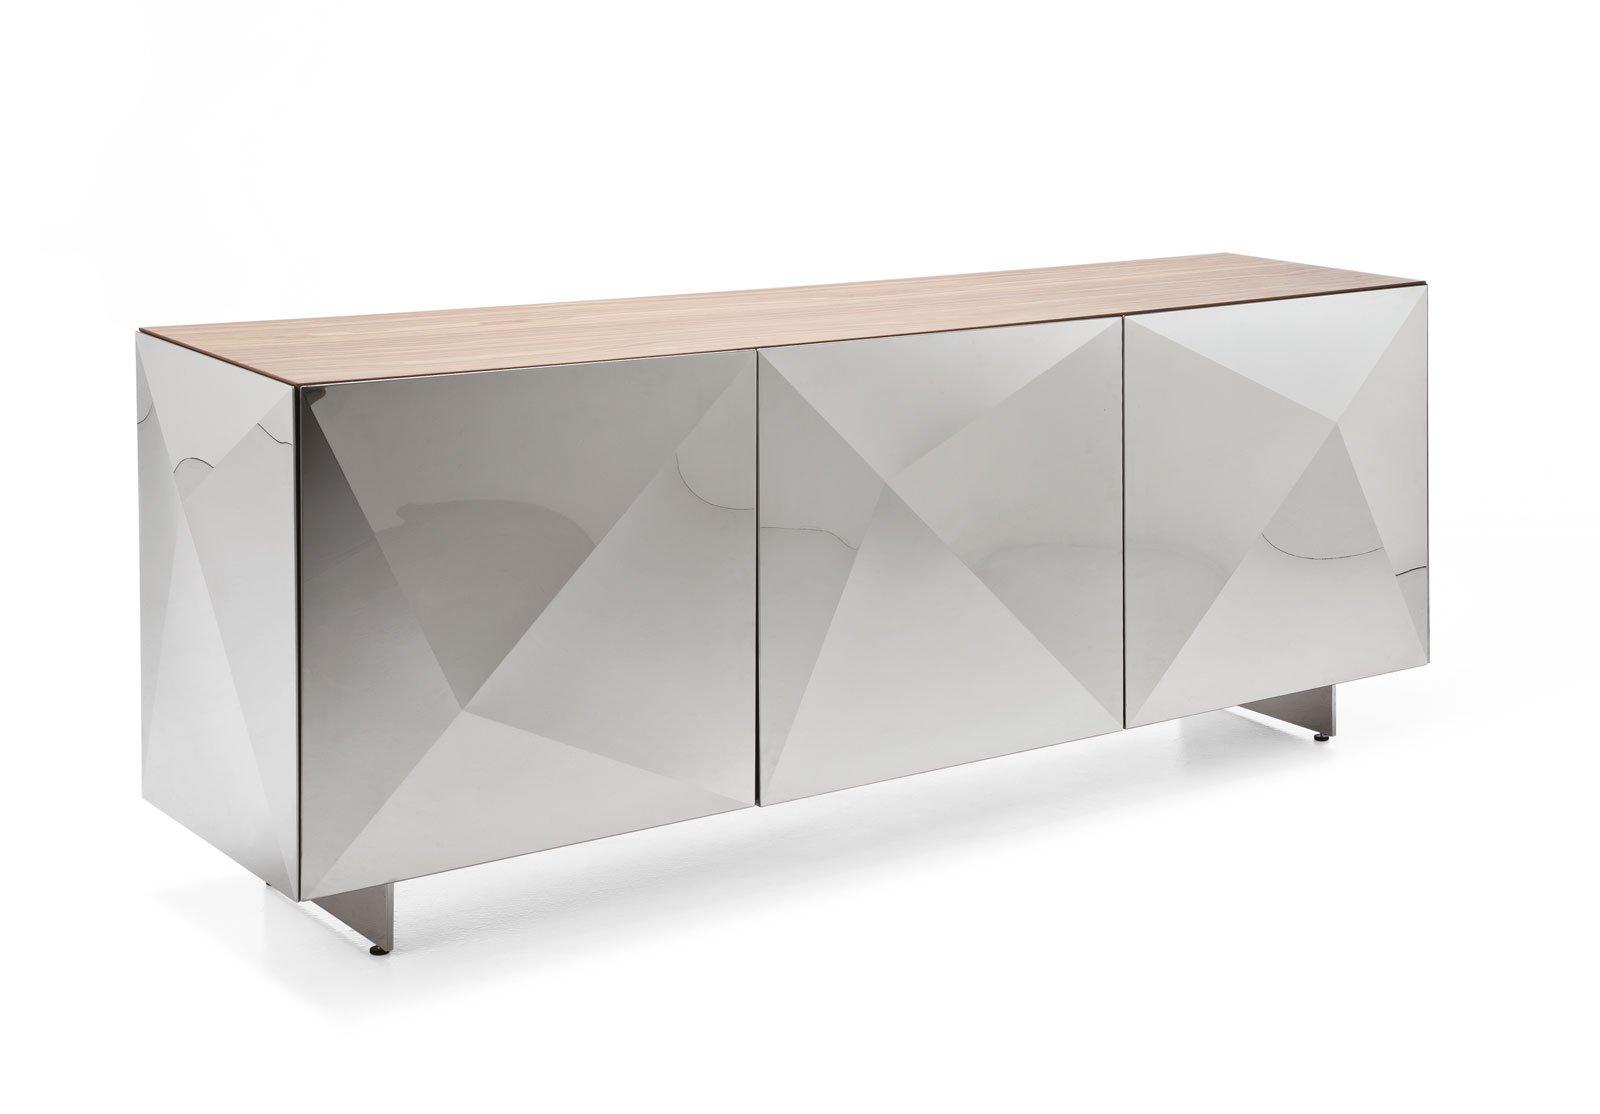 100+ [ mobili contenitori per soggiorno ] | mobili contenitori per ... - Mobili Contenitori Soggiorno Le Fablier 2